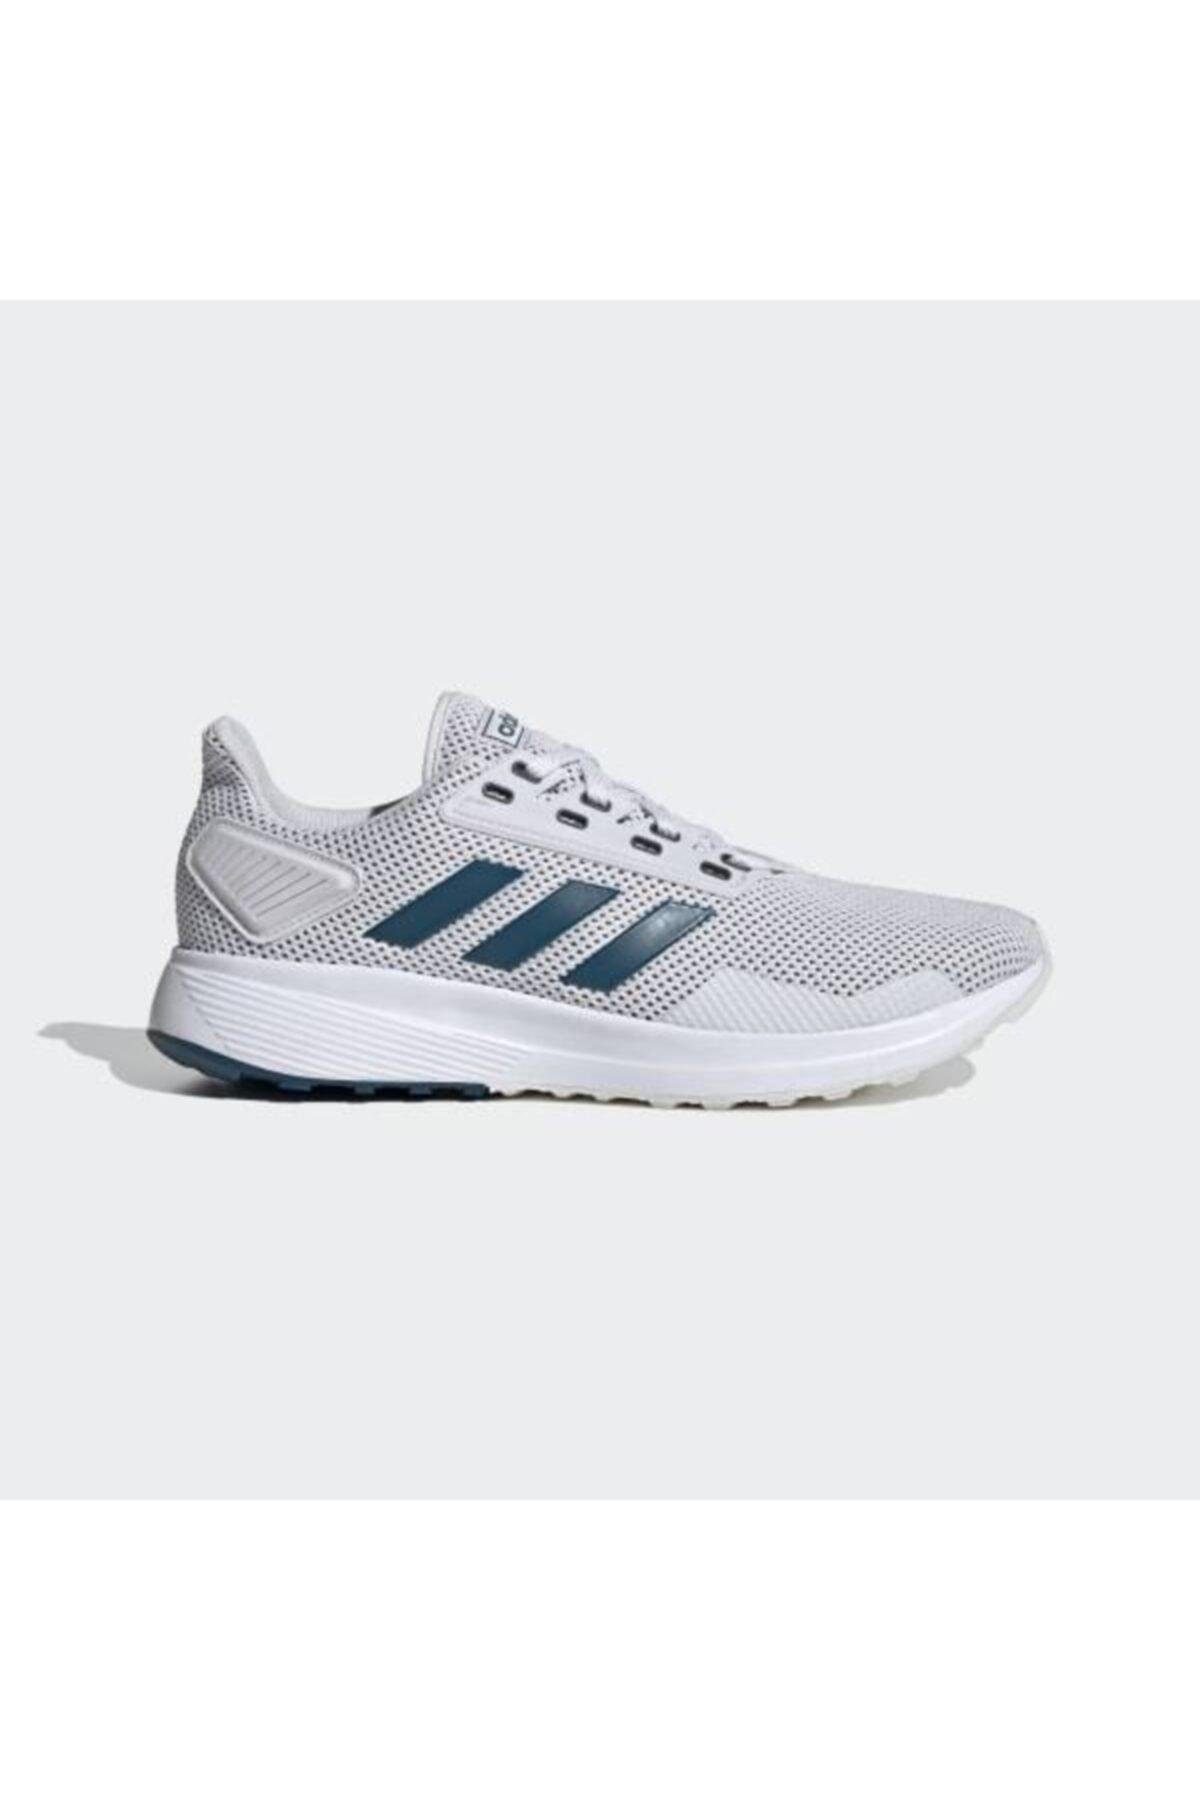 adidas Eg3005 Duramo 9 Erkek Koşu Ayakkabı 2